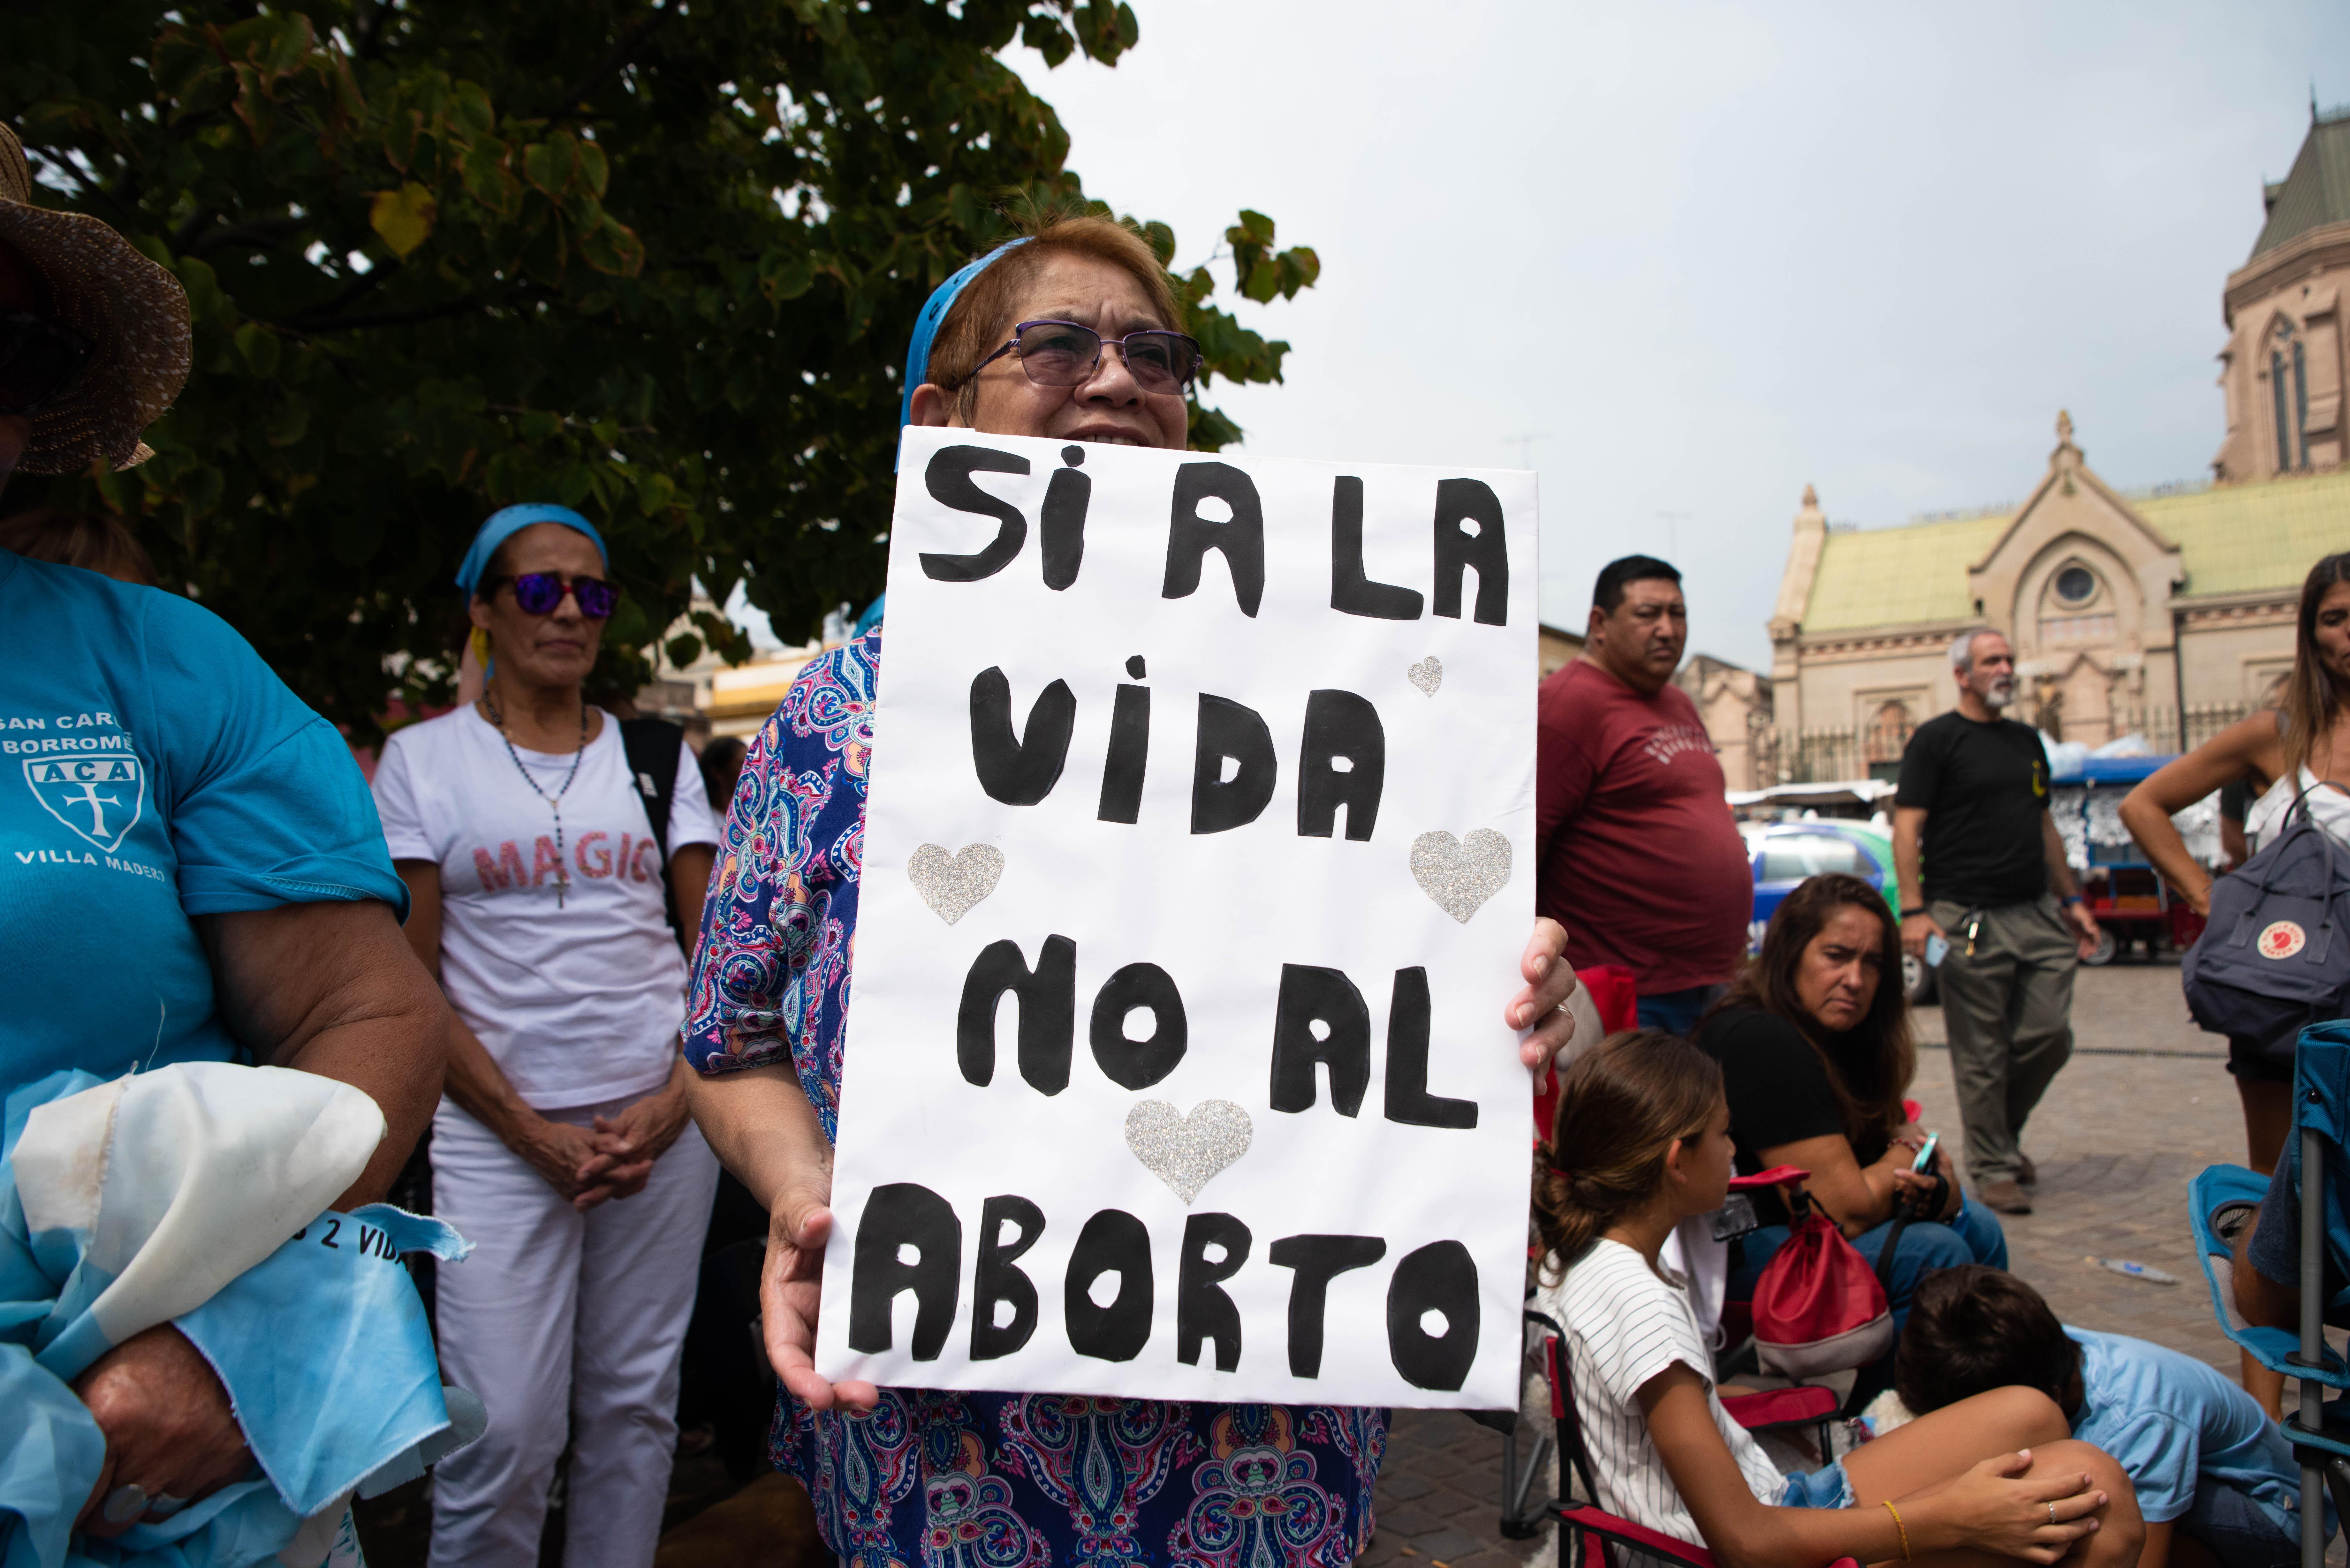 En la Misa en Luján por las Mujeres y por la Vida (8 de Marzo) la Iglesia ratificó su posición contraria a la legalización del aborto